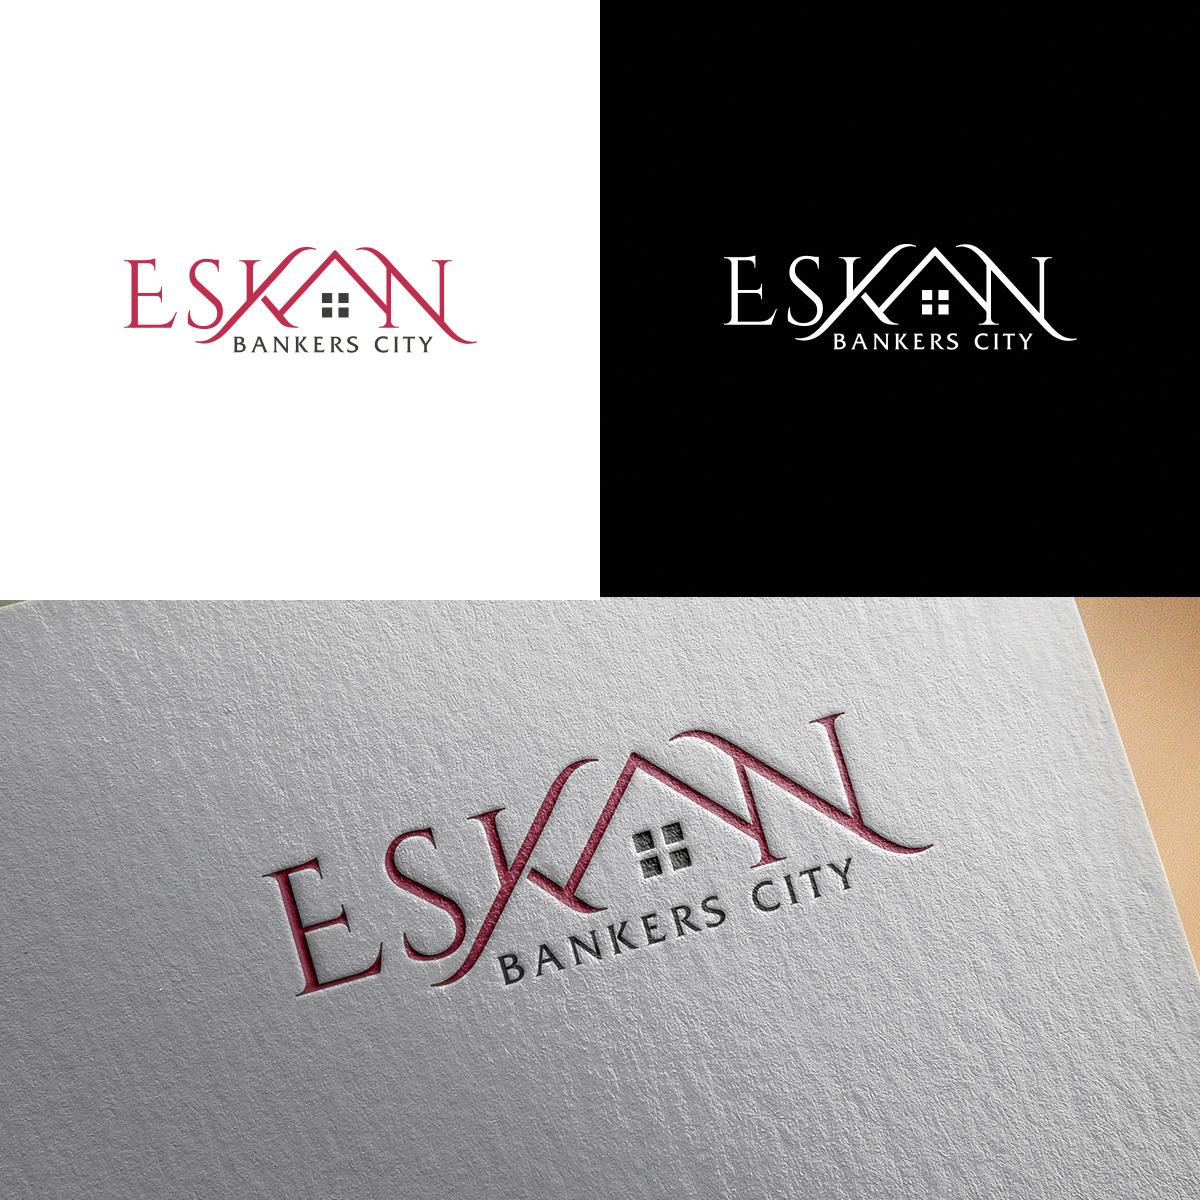 Boundless Technologies designed the logo for Eskan